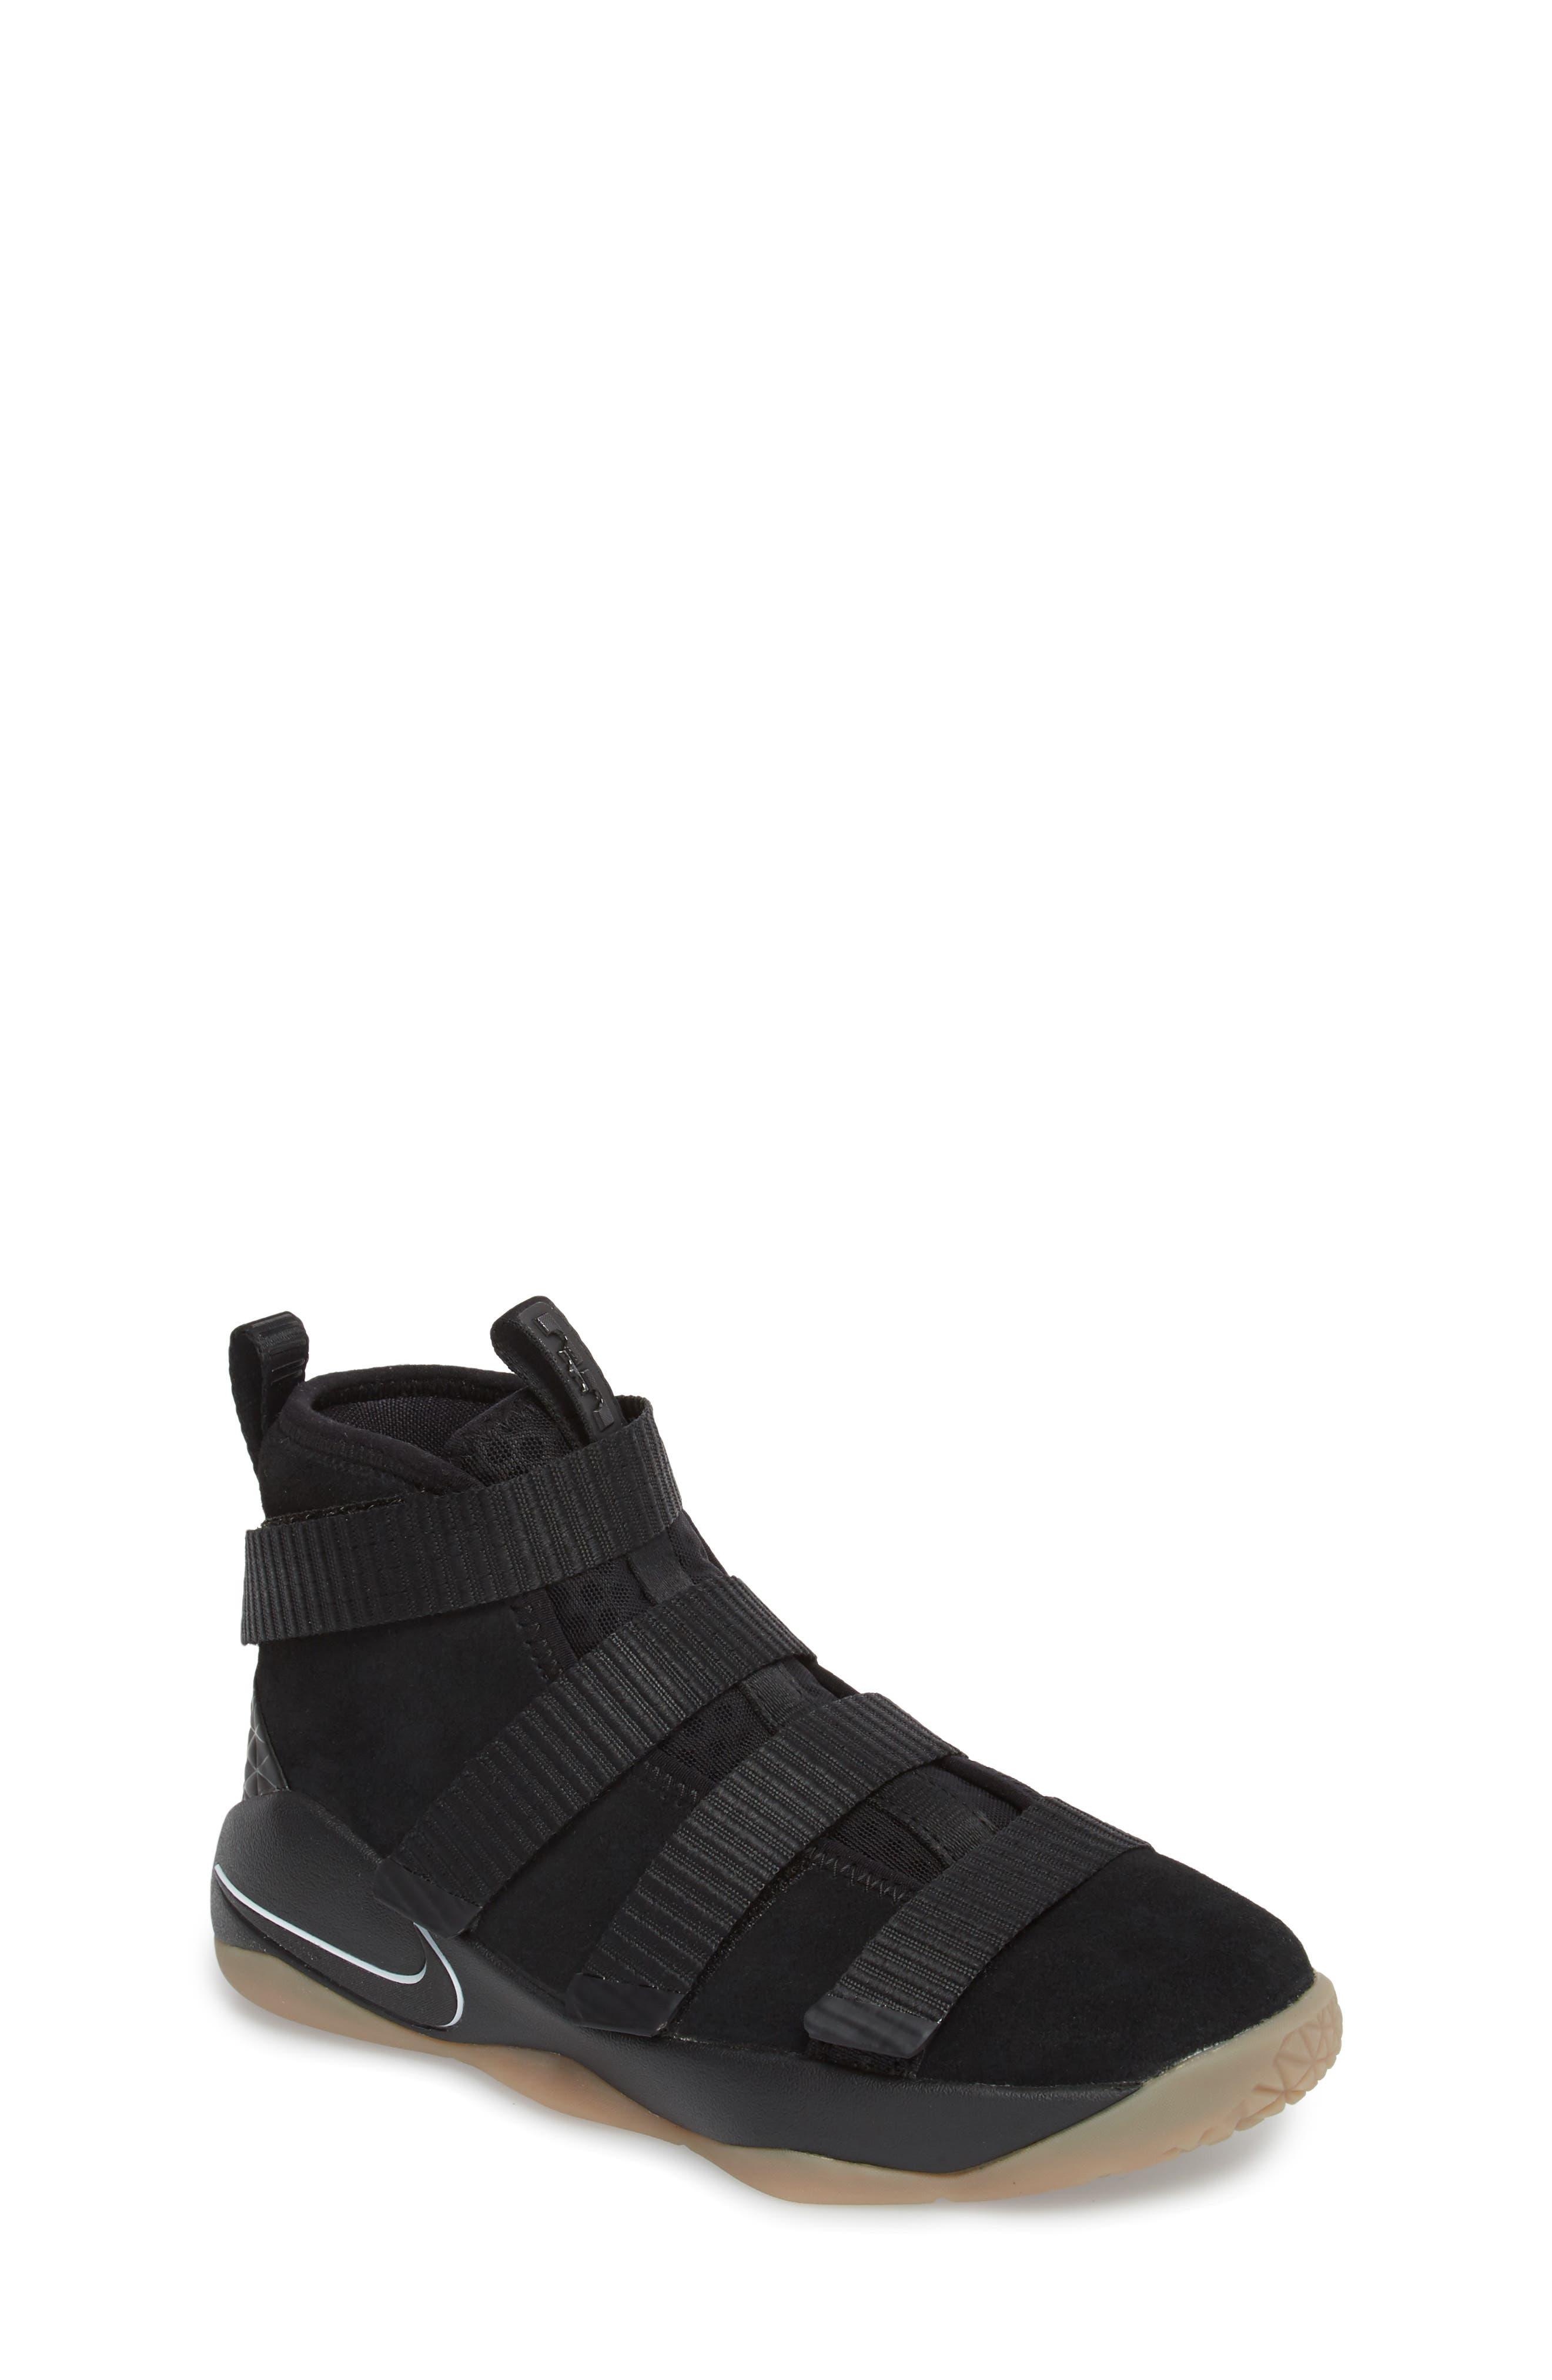 Nike LeBron Soldier XI Basketball Shoe (Toddler, Little Kid & Big Kid)